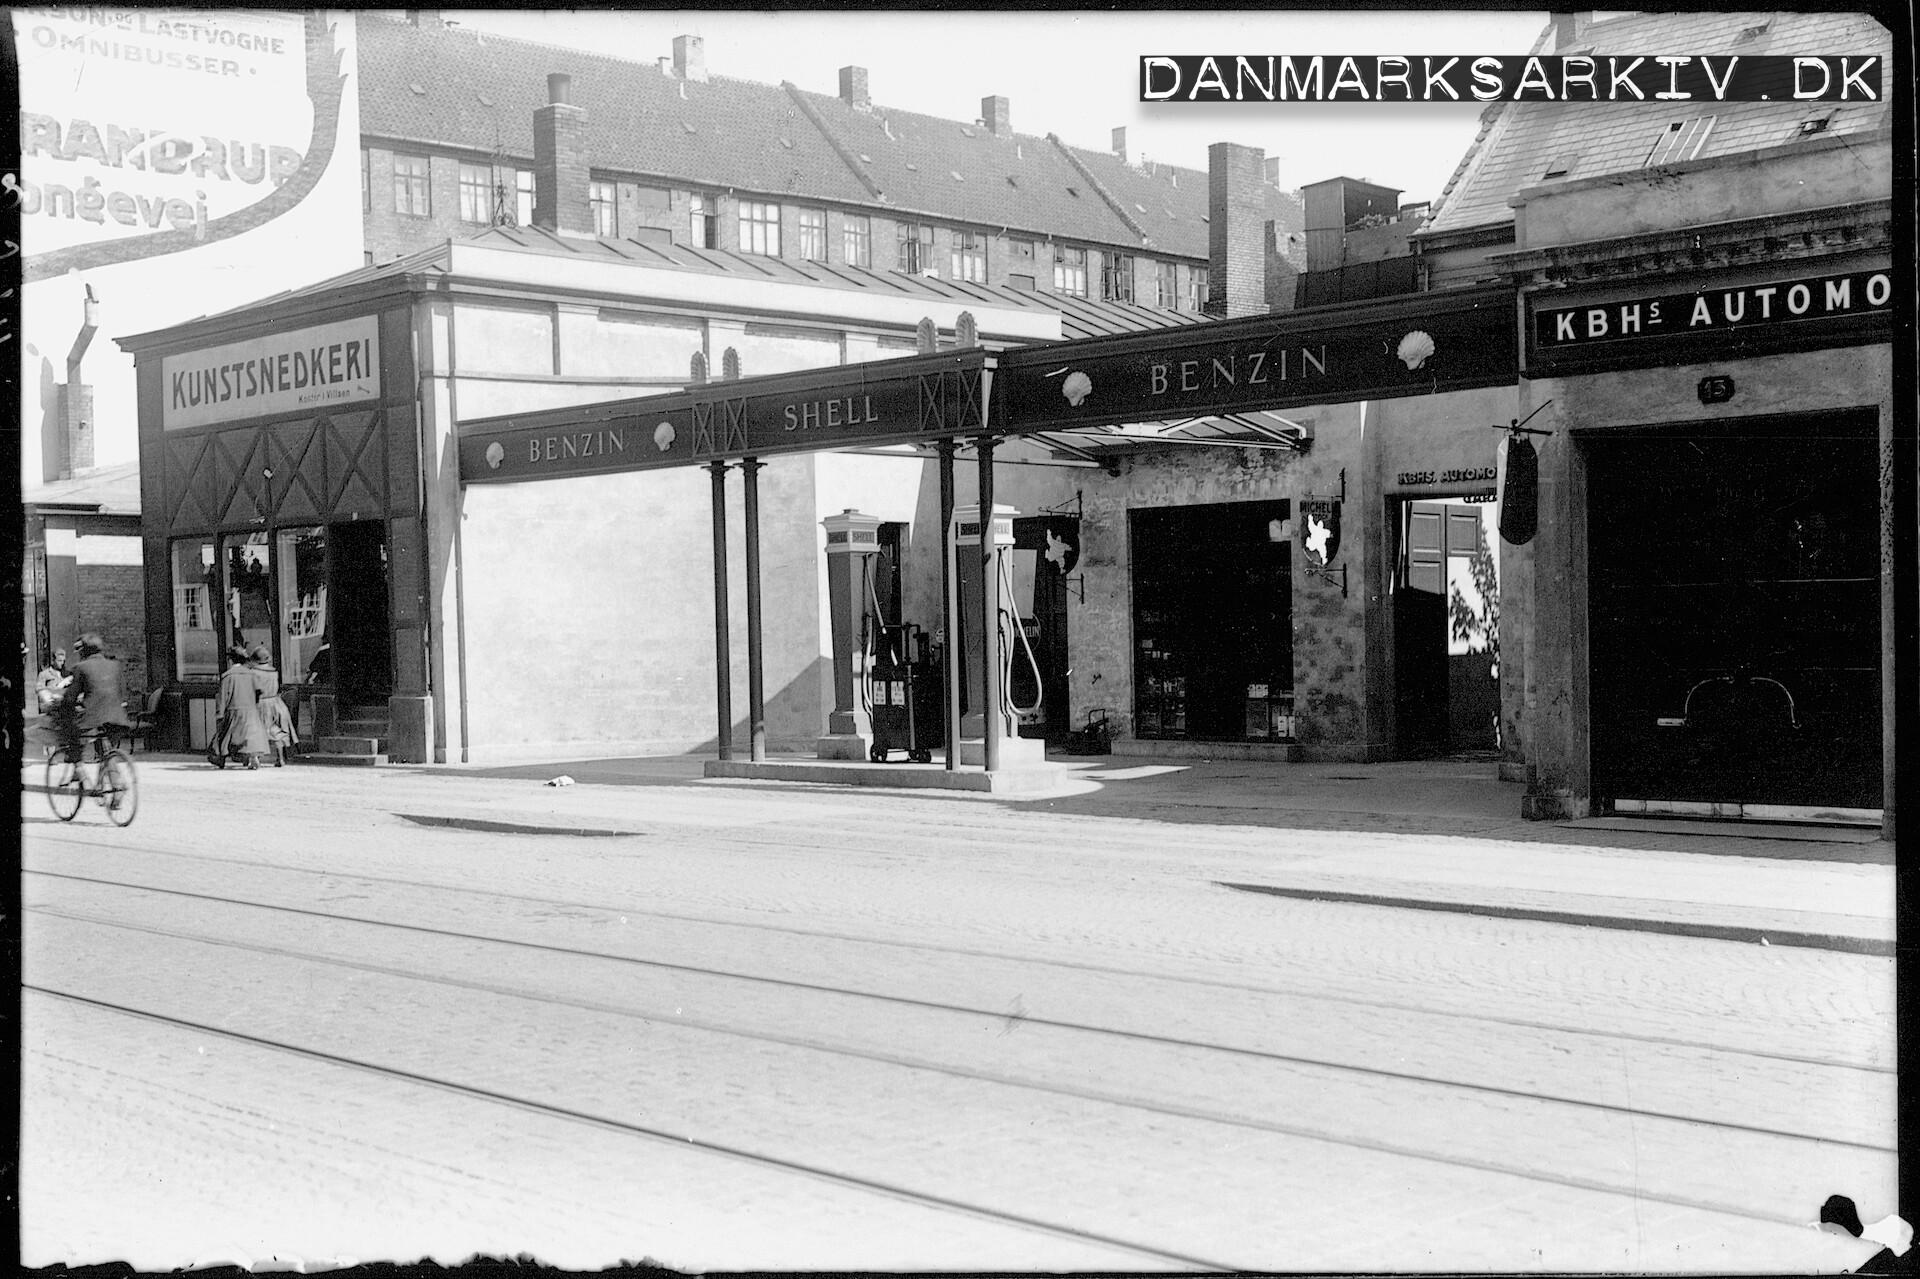 KBH's Automobil Central og deres Shell benzinstation - 1925